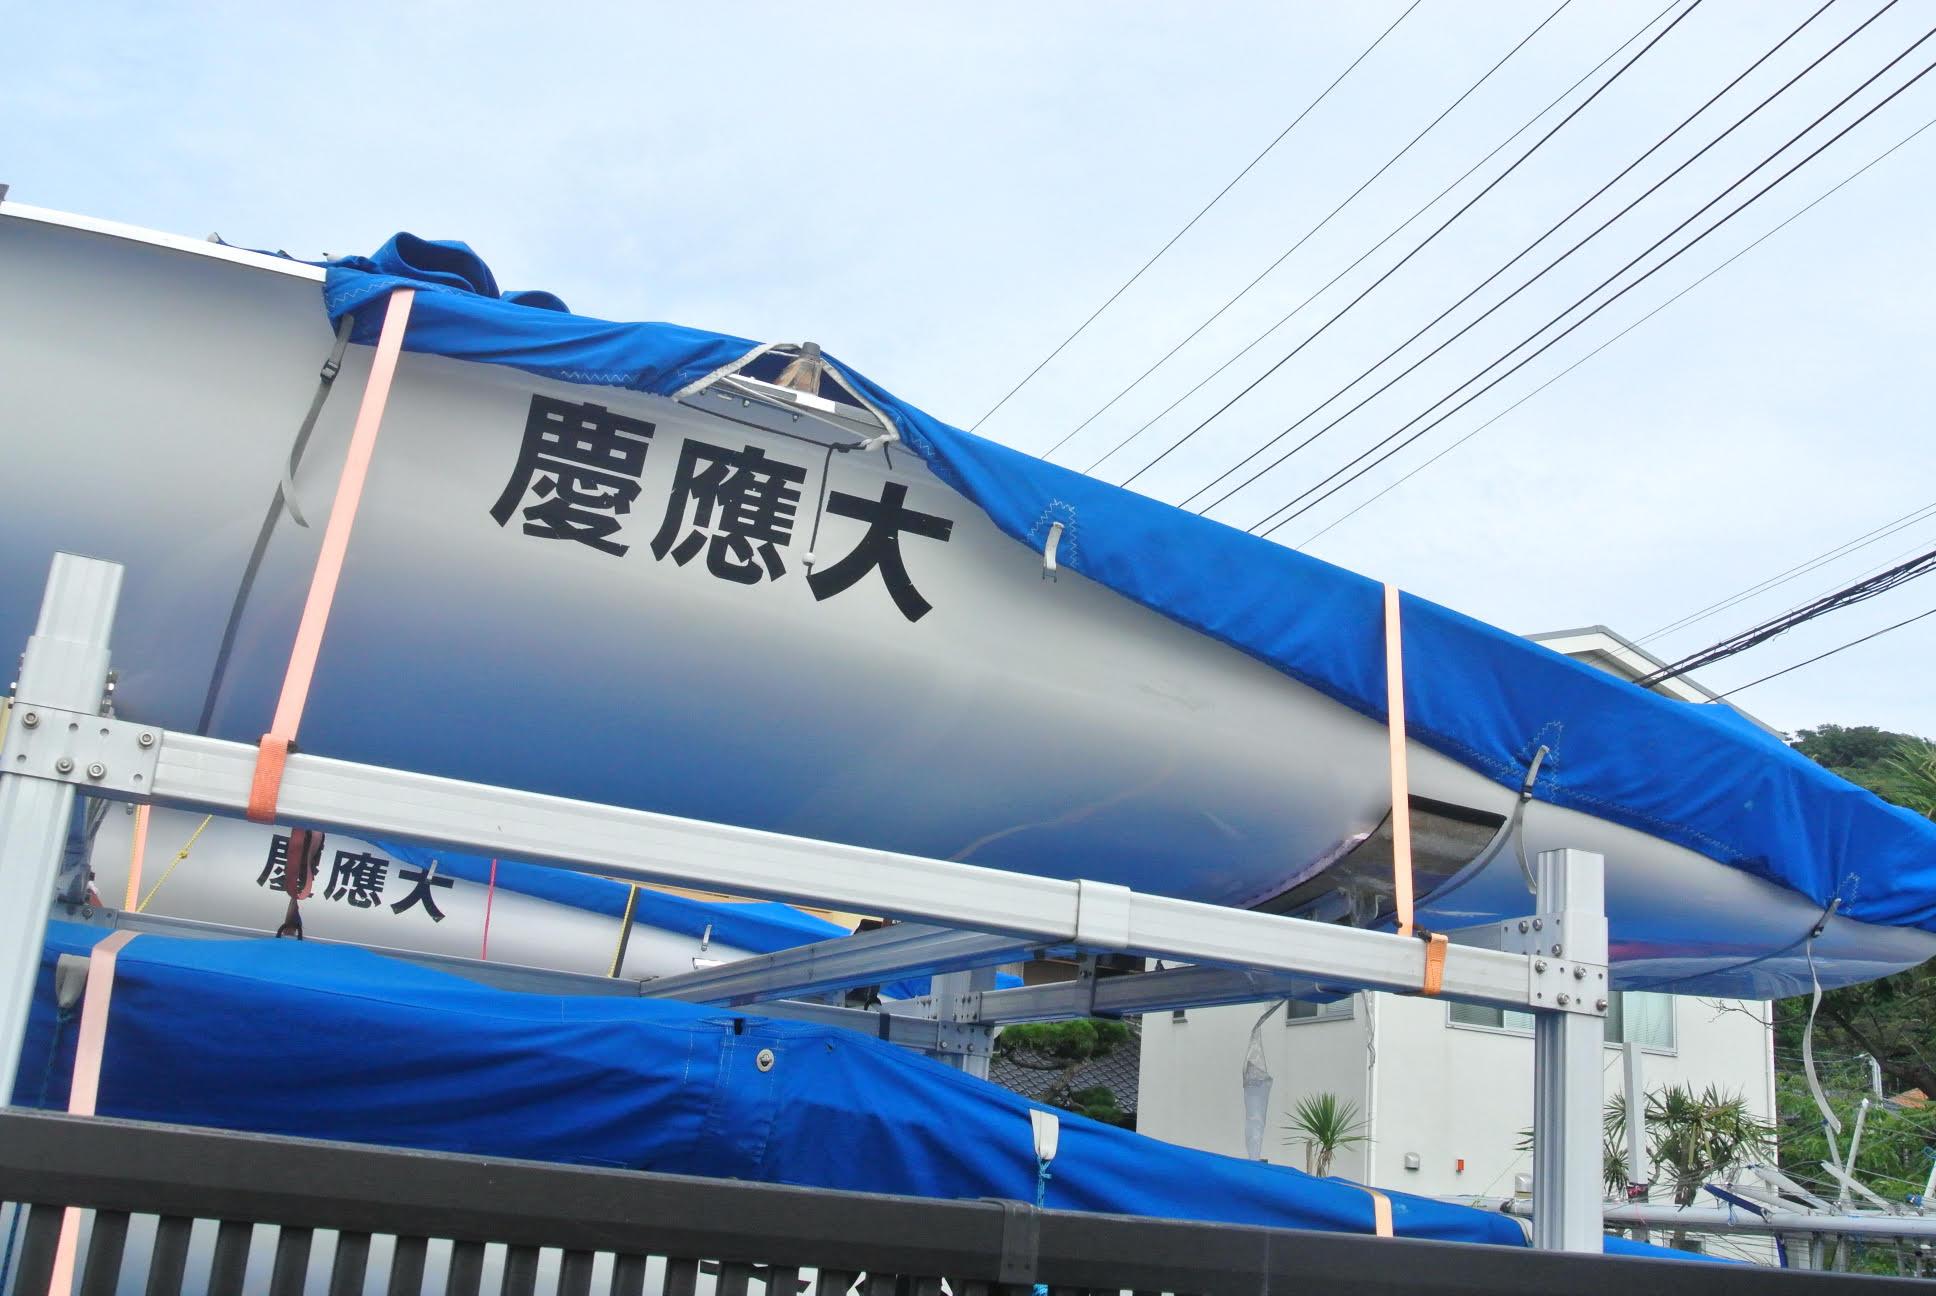 慶応大学のヨット、船には慶応大と書かれている。